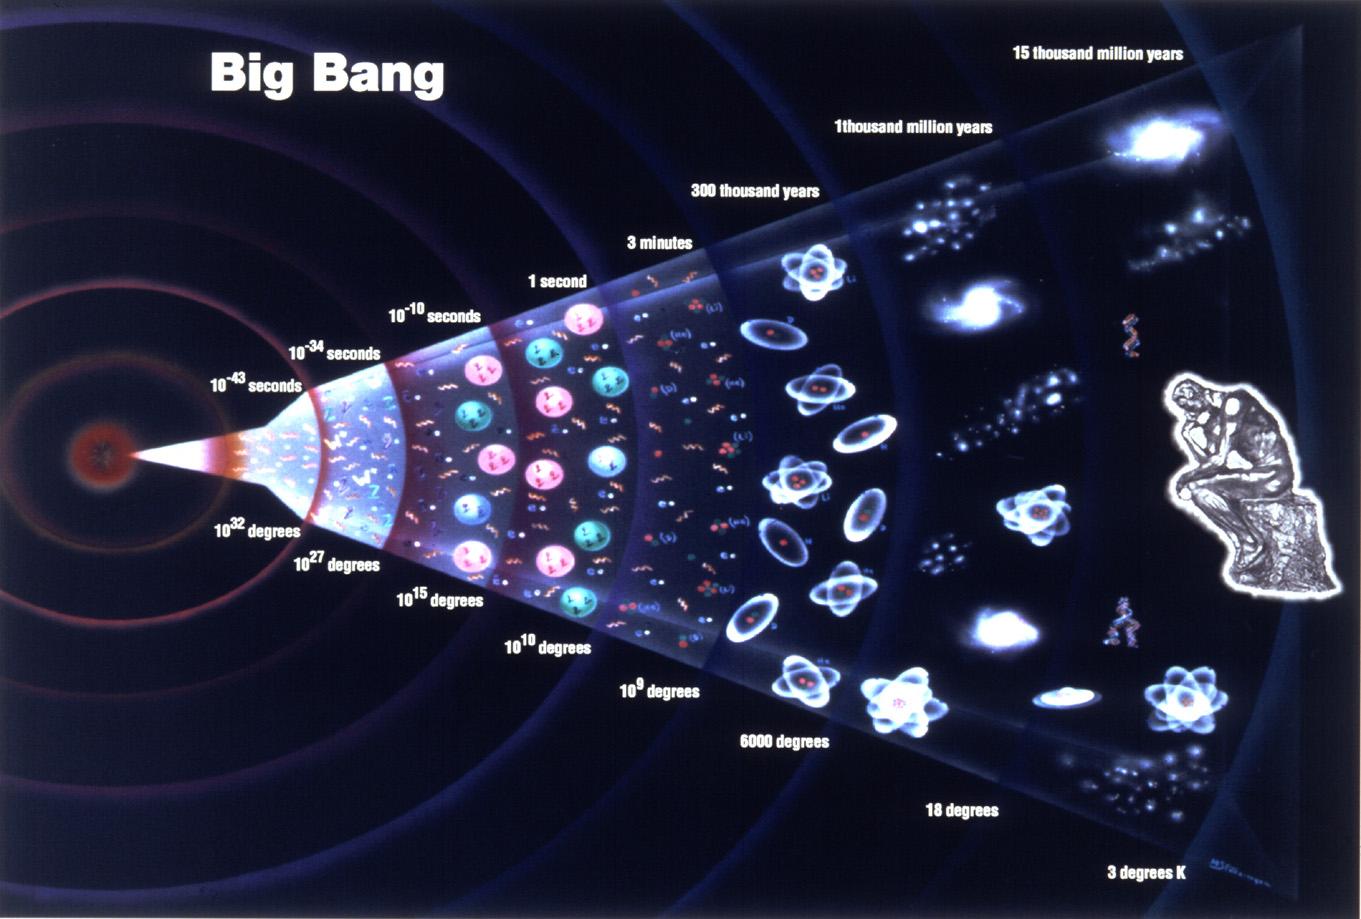 Bang big del teoria